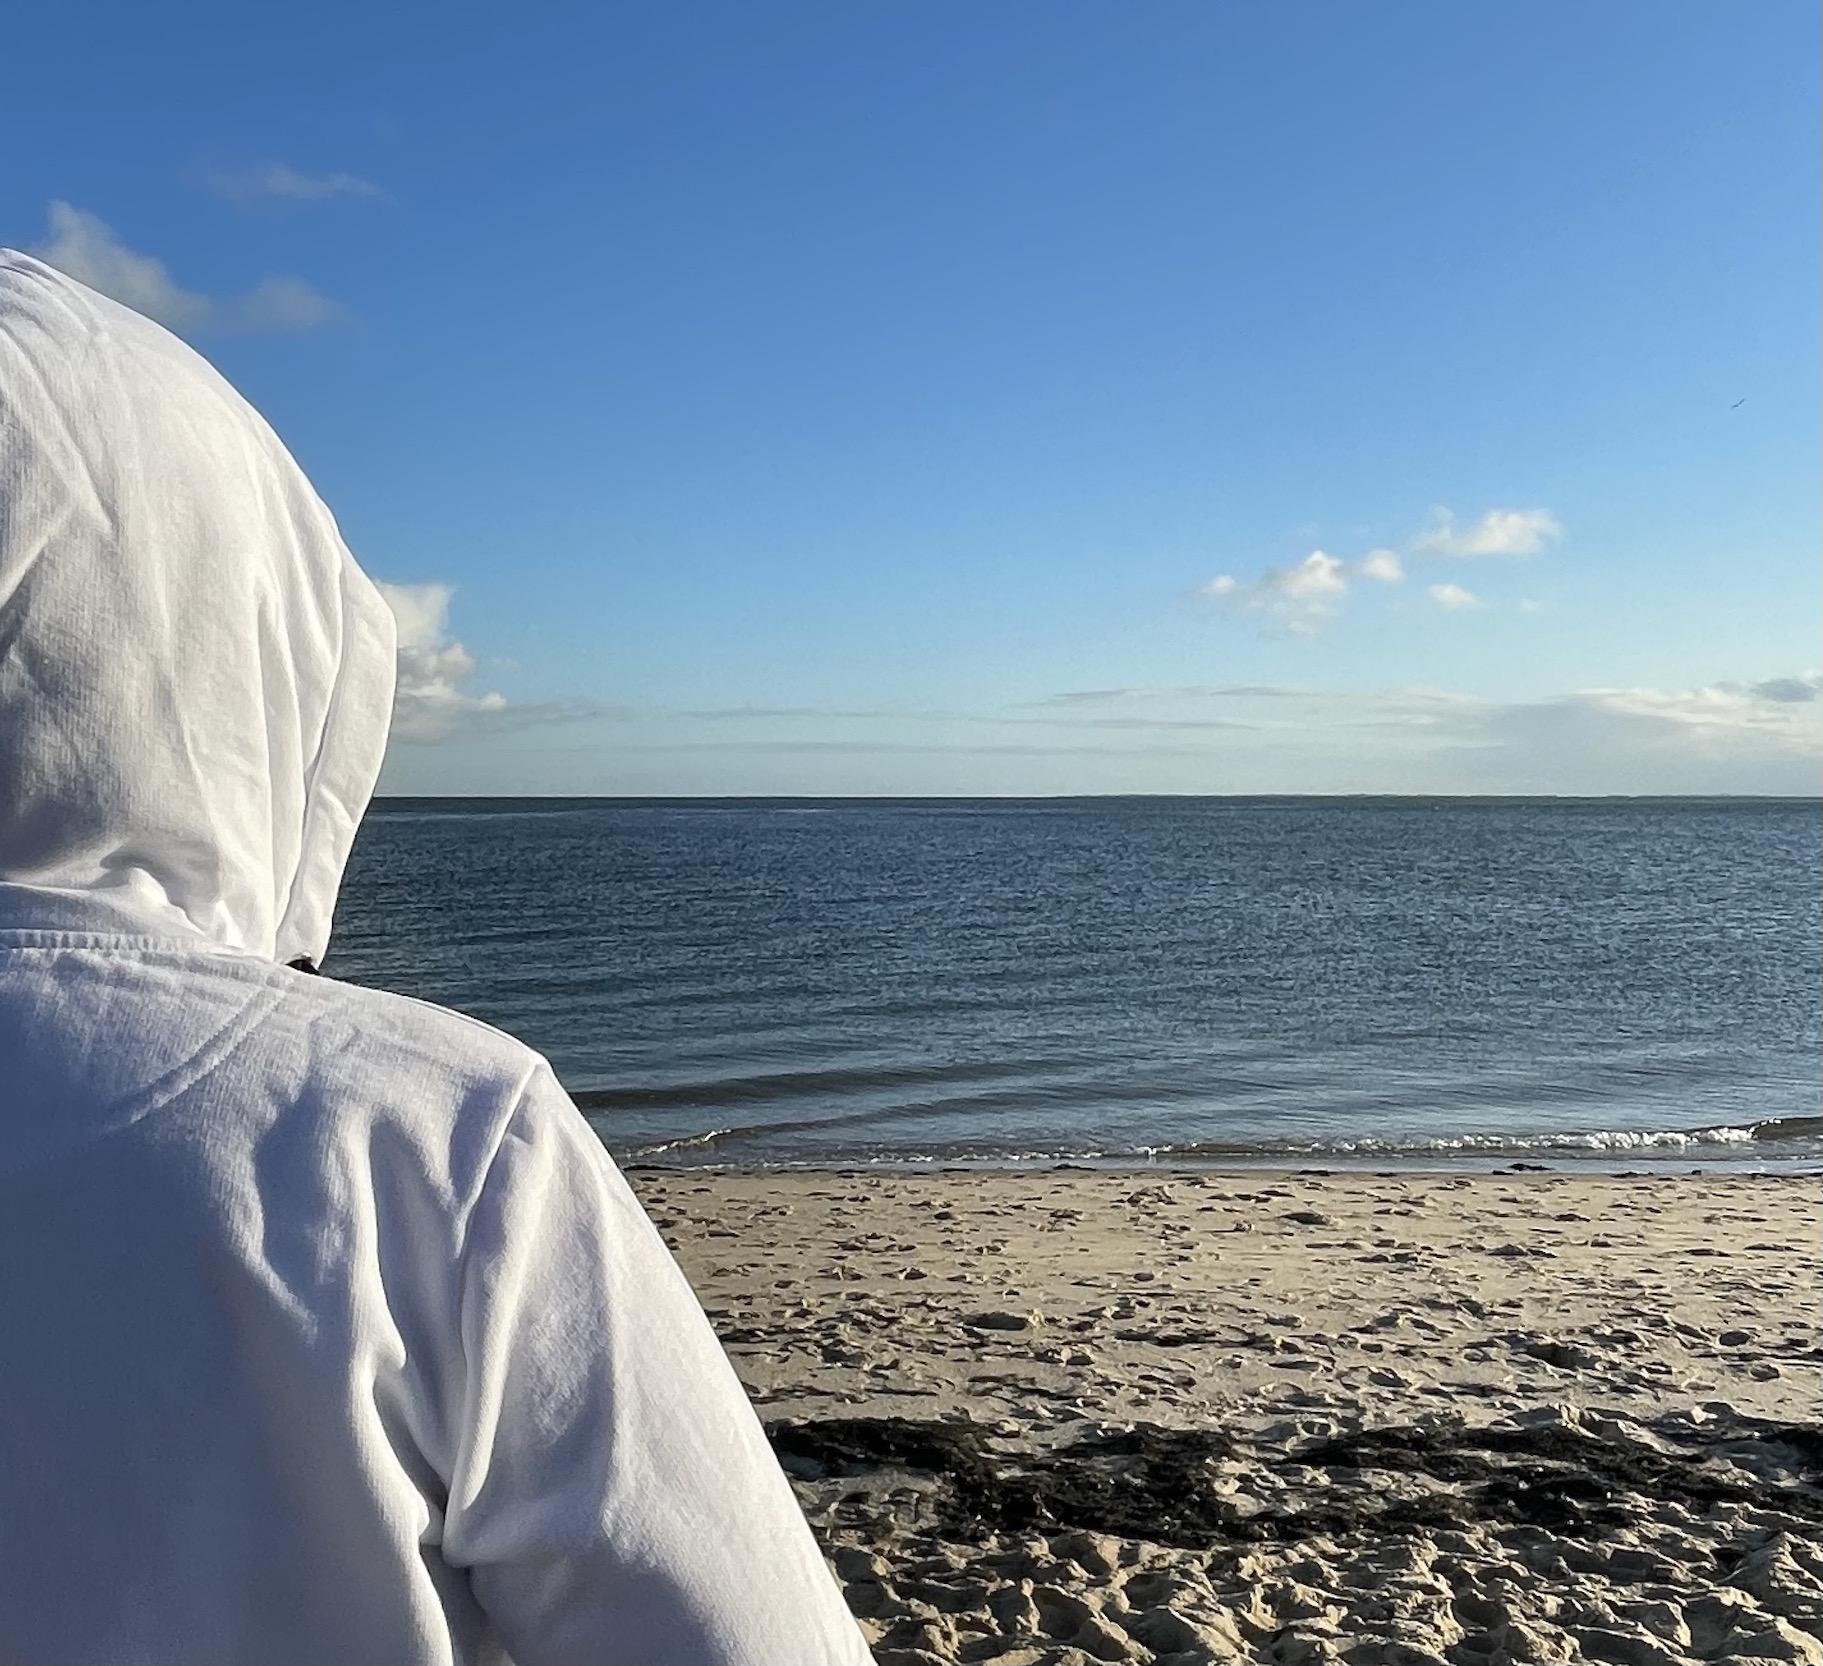 weiße kapuzenjacke, Nordsee, Sylt, Meerblick